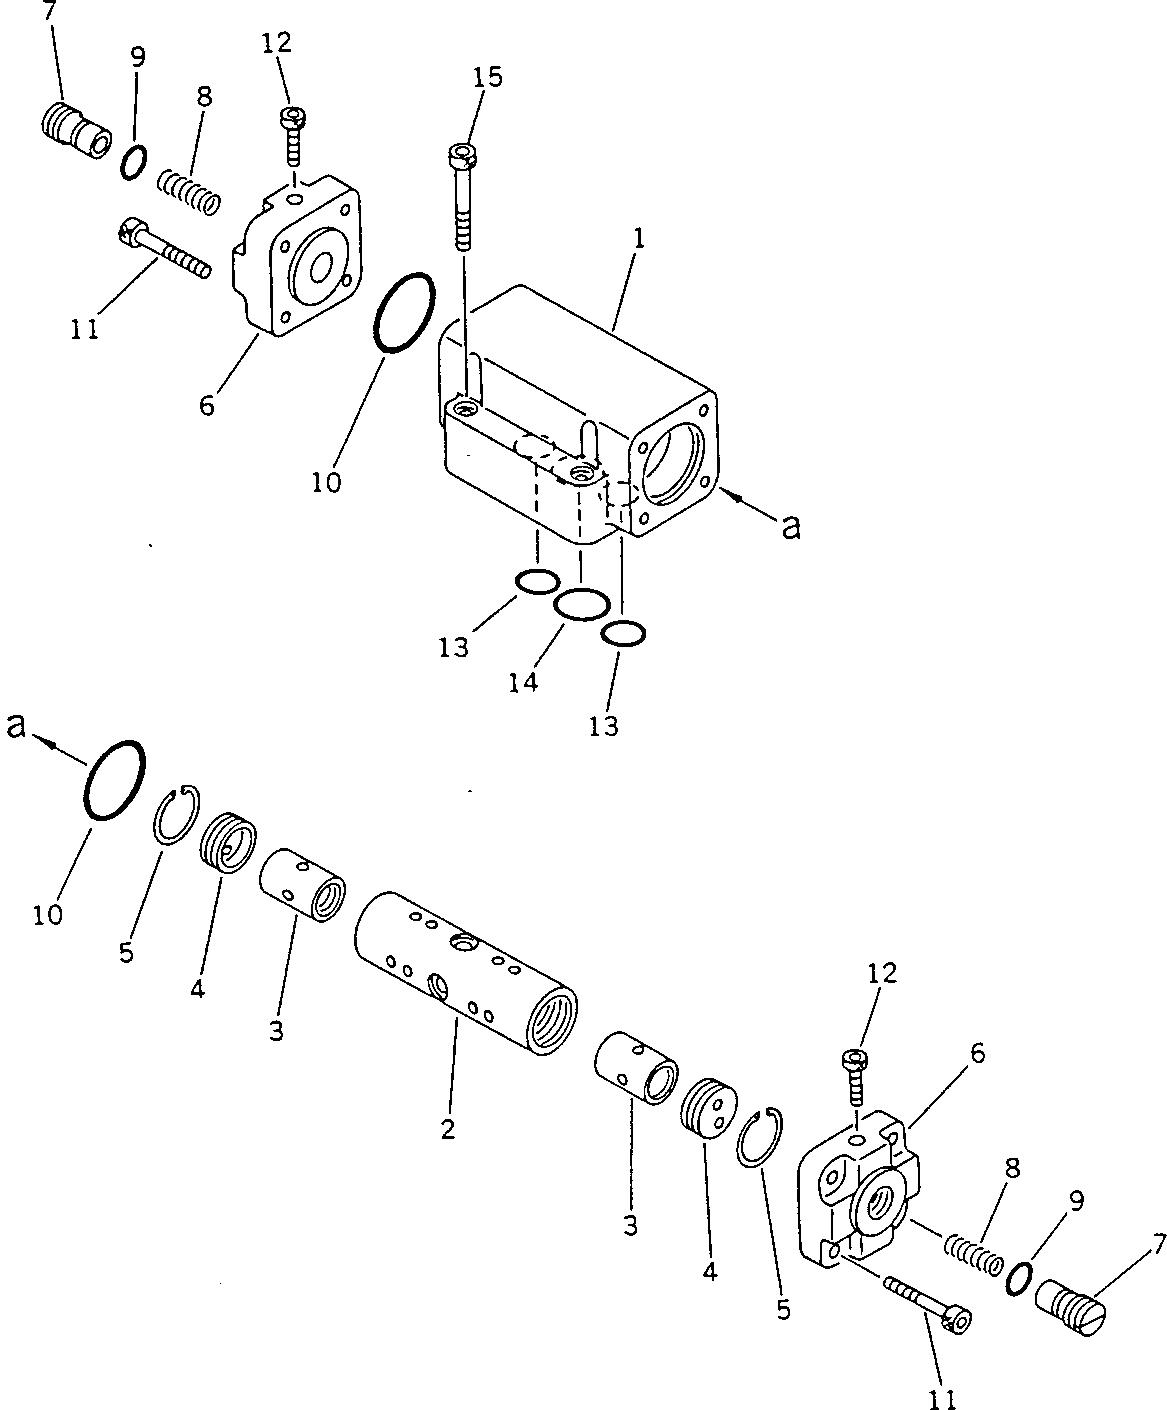 07000-52020 Komatsu О-КОЛЬЦО